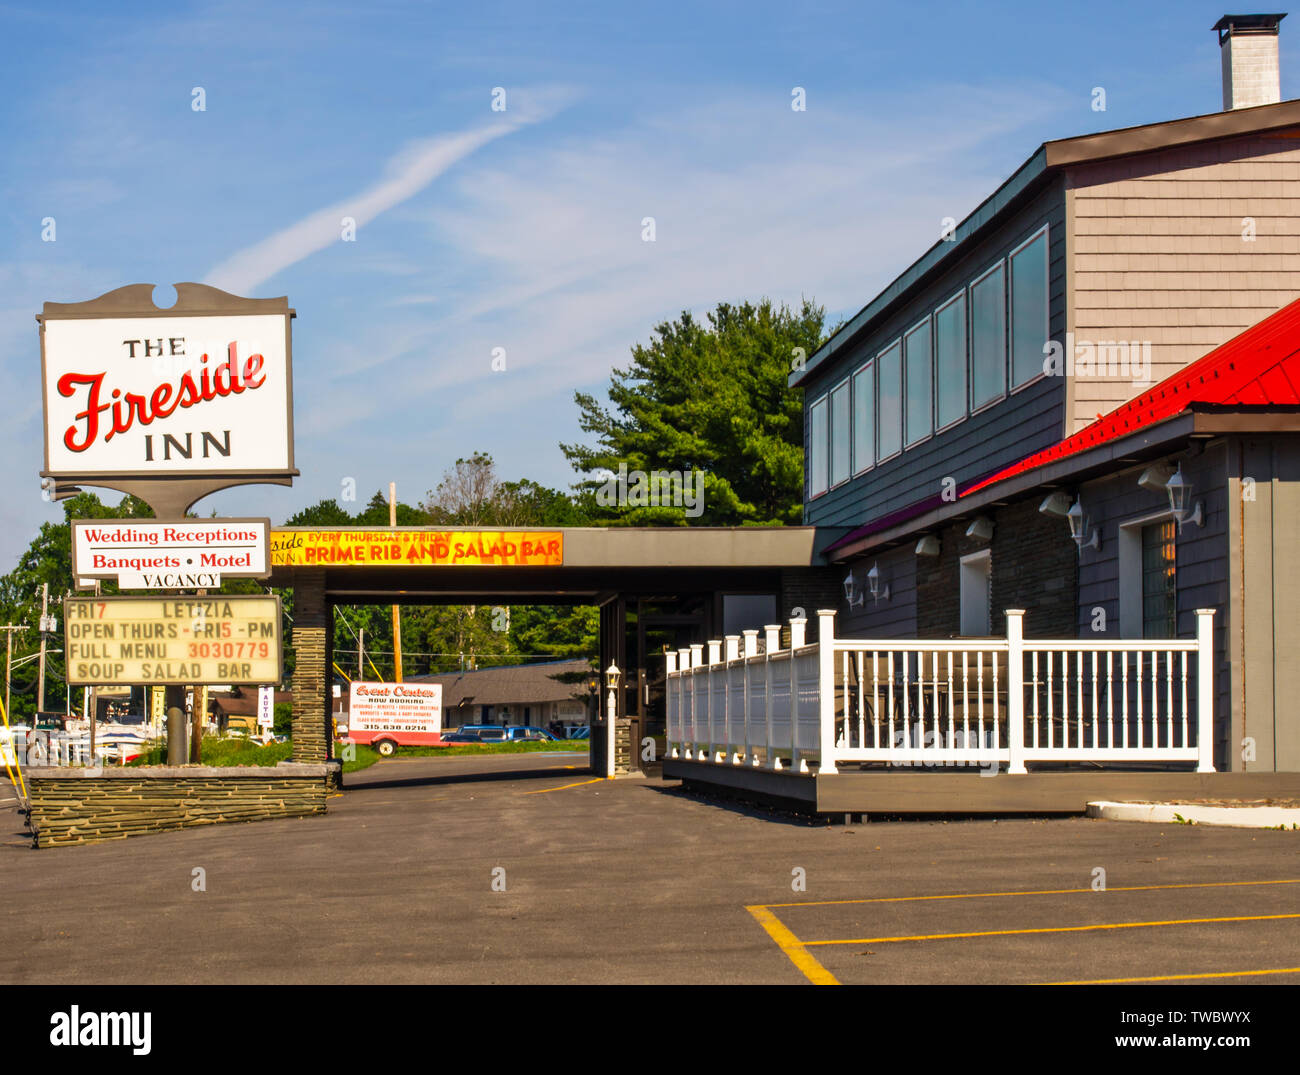 Baldwinsville, New York, USA. June 19, 2019. The Fireside Inn, a local landmark restaurant and event establishment across from the Seneca River in the - Stock Image